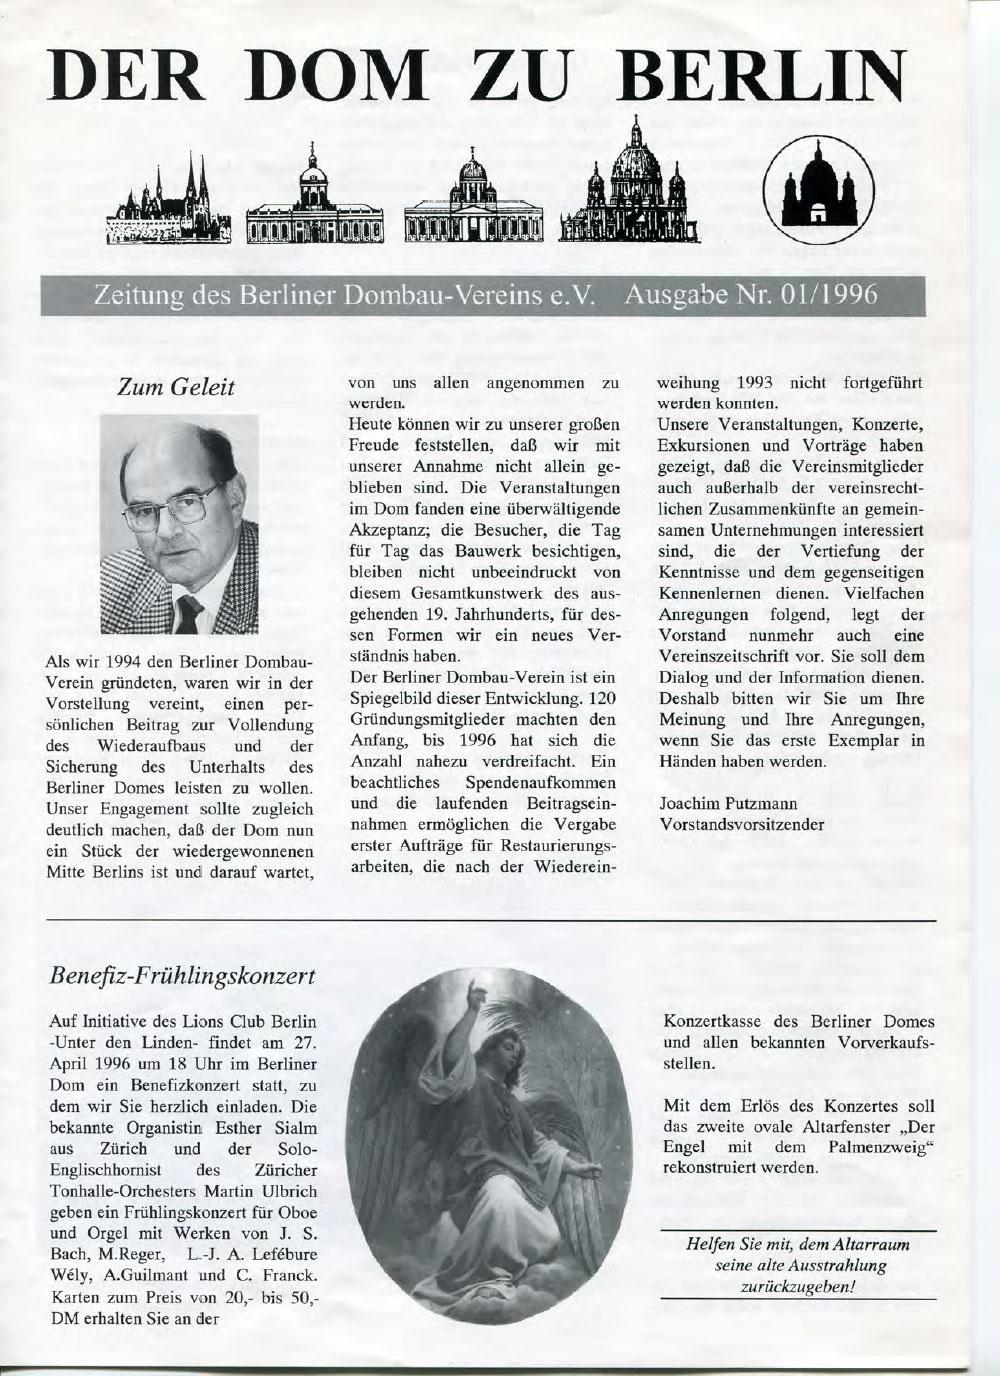 Dombau-Verein-Berlin Zeitung 01